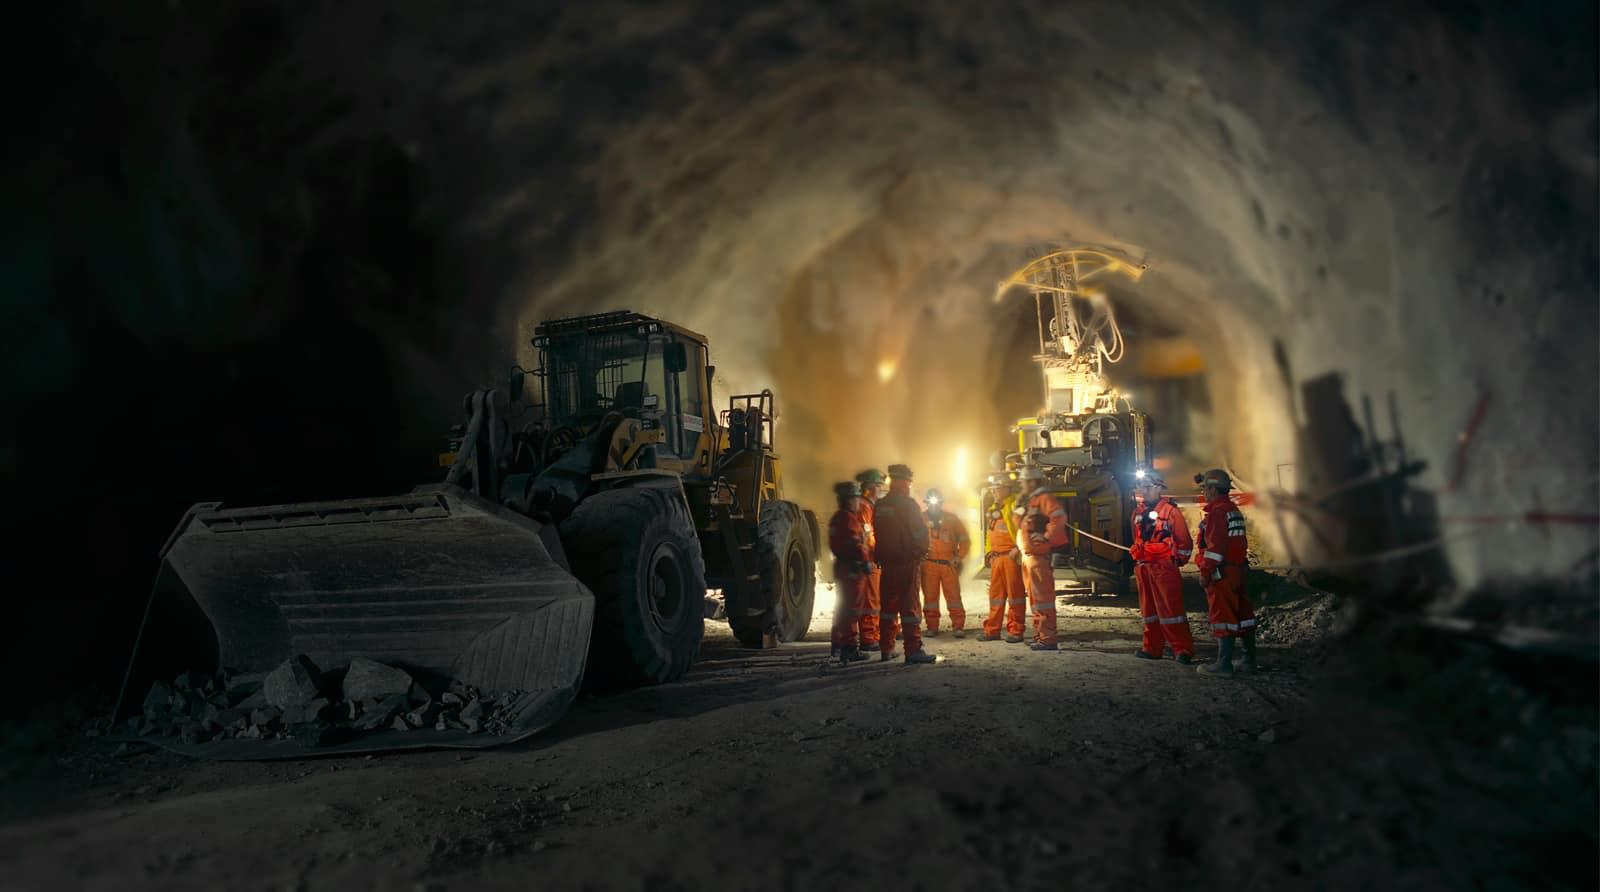 Chile: minera Codelco reanuda faenas tras muerte de trabajadores ...